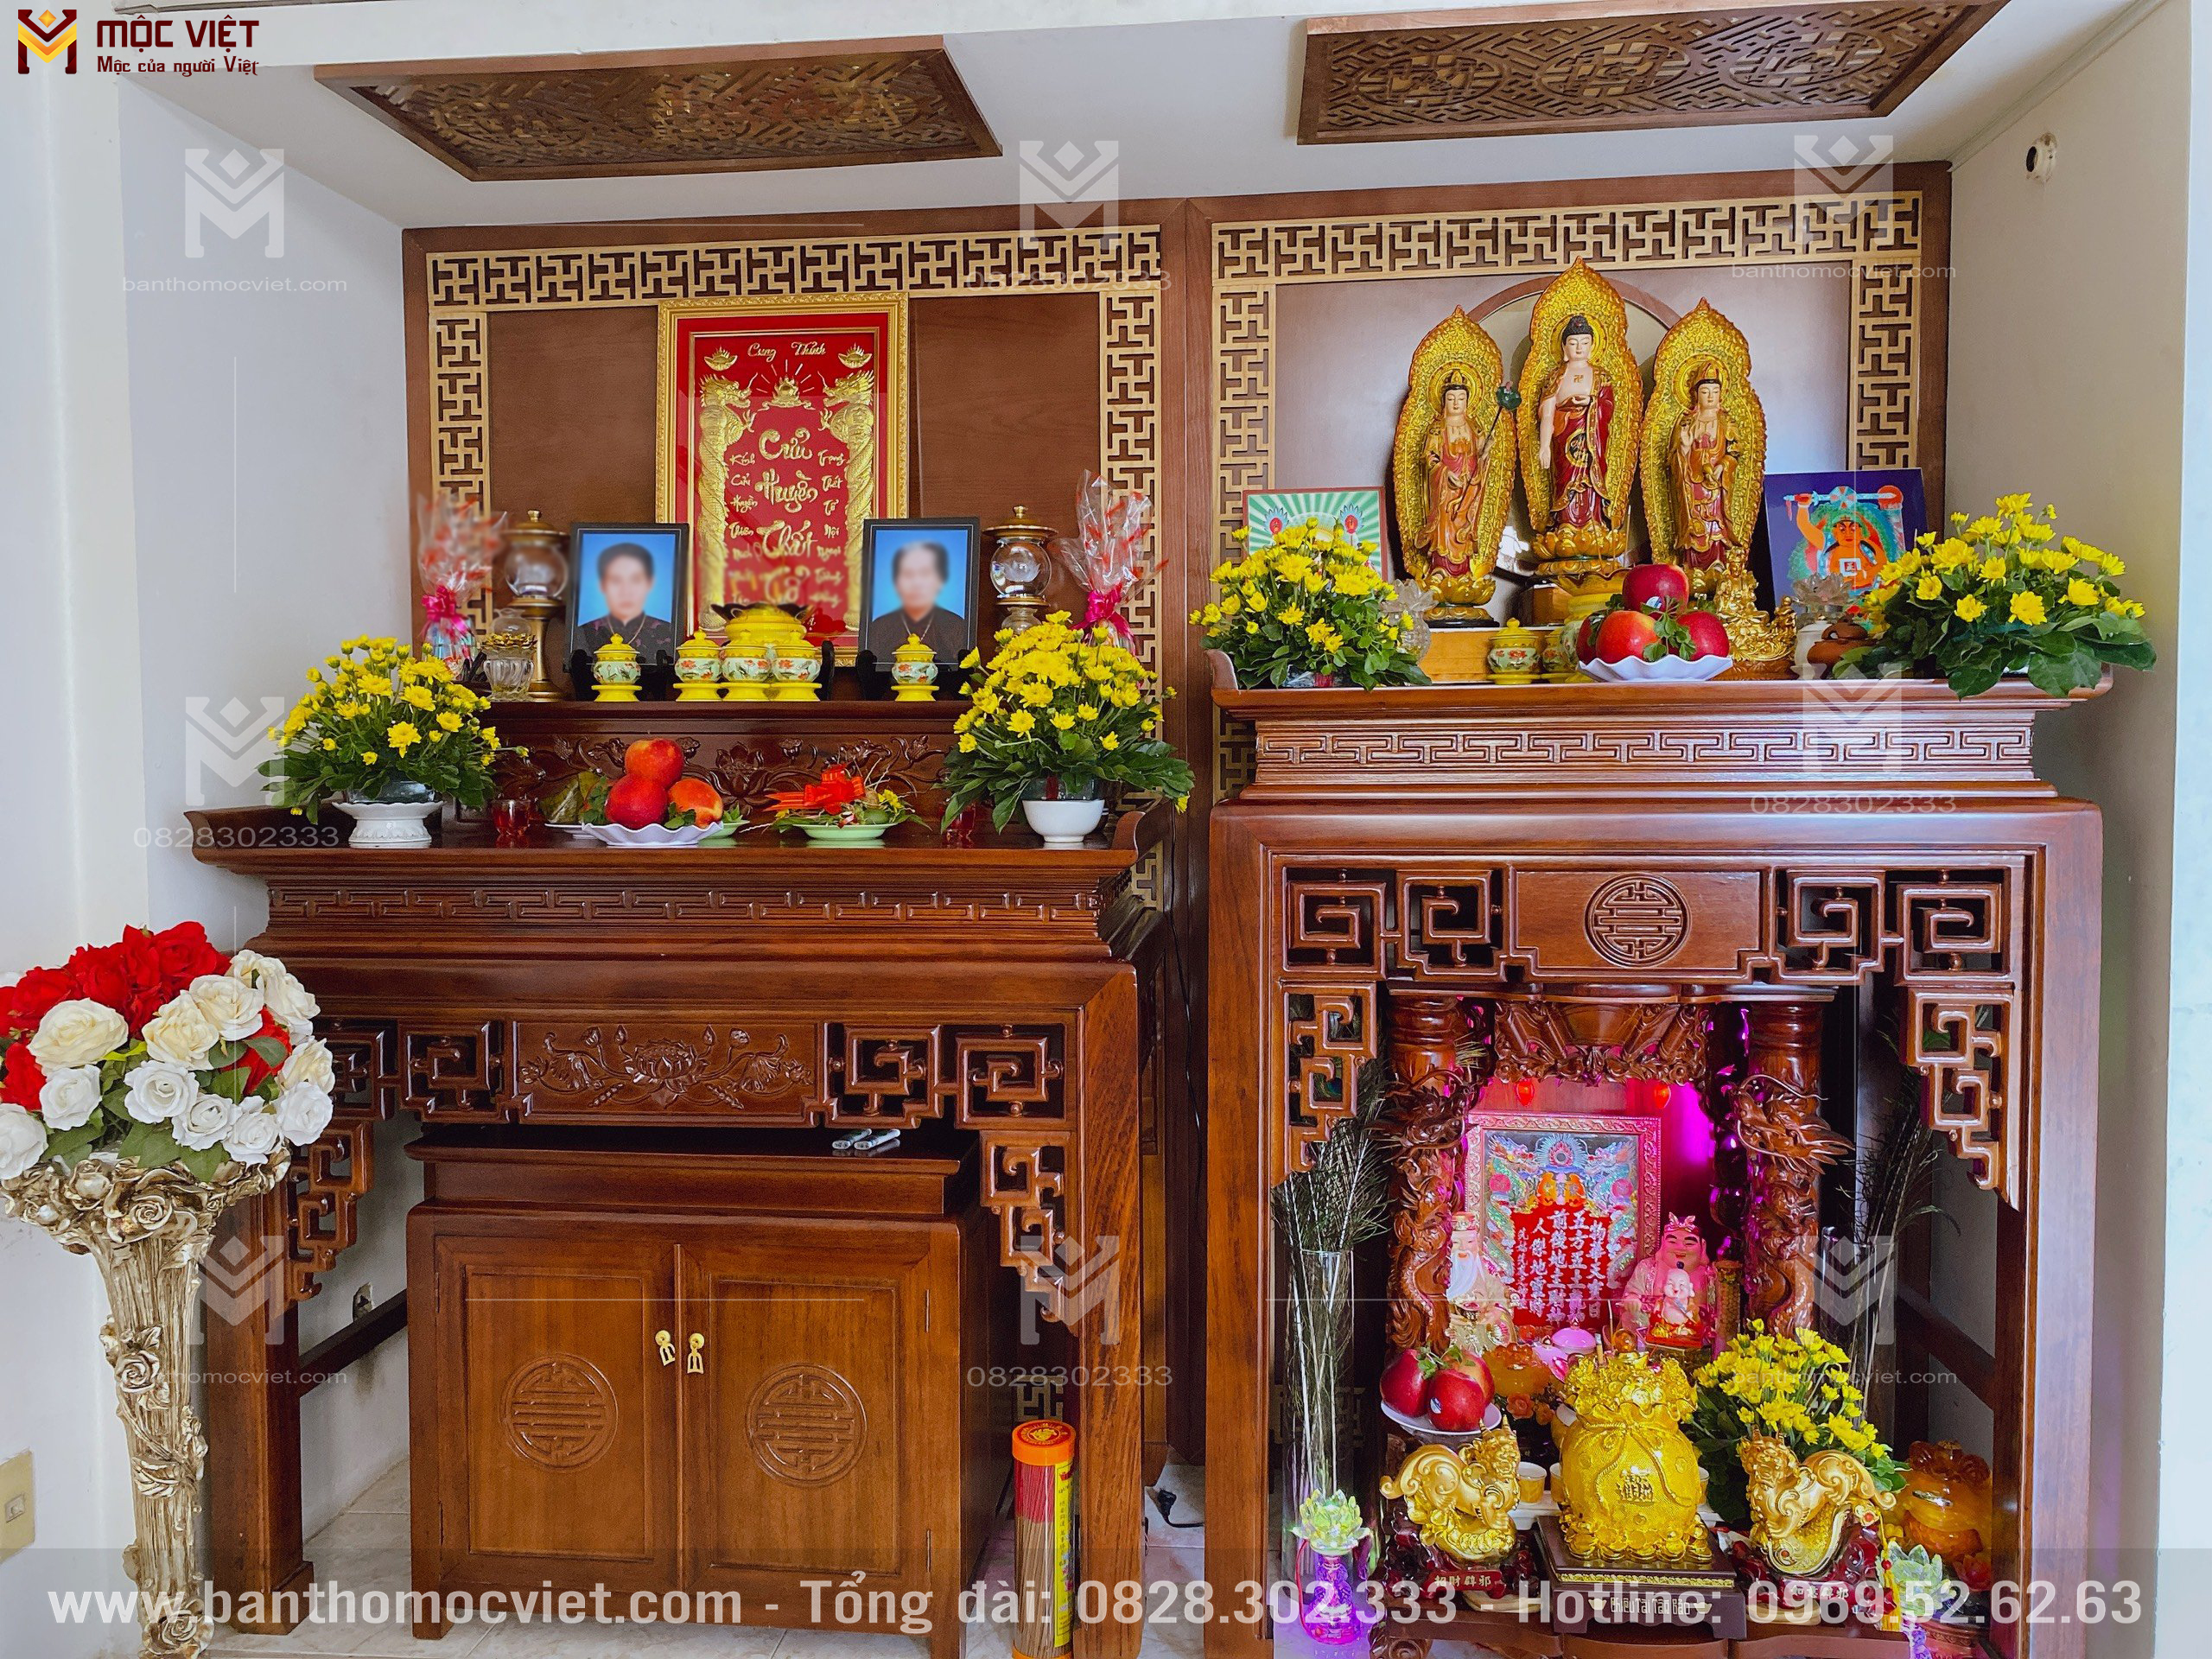 Phong Thờ Phật đẹp